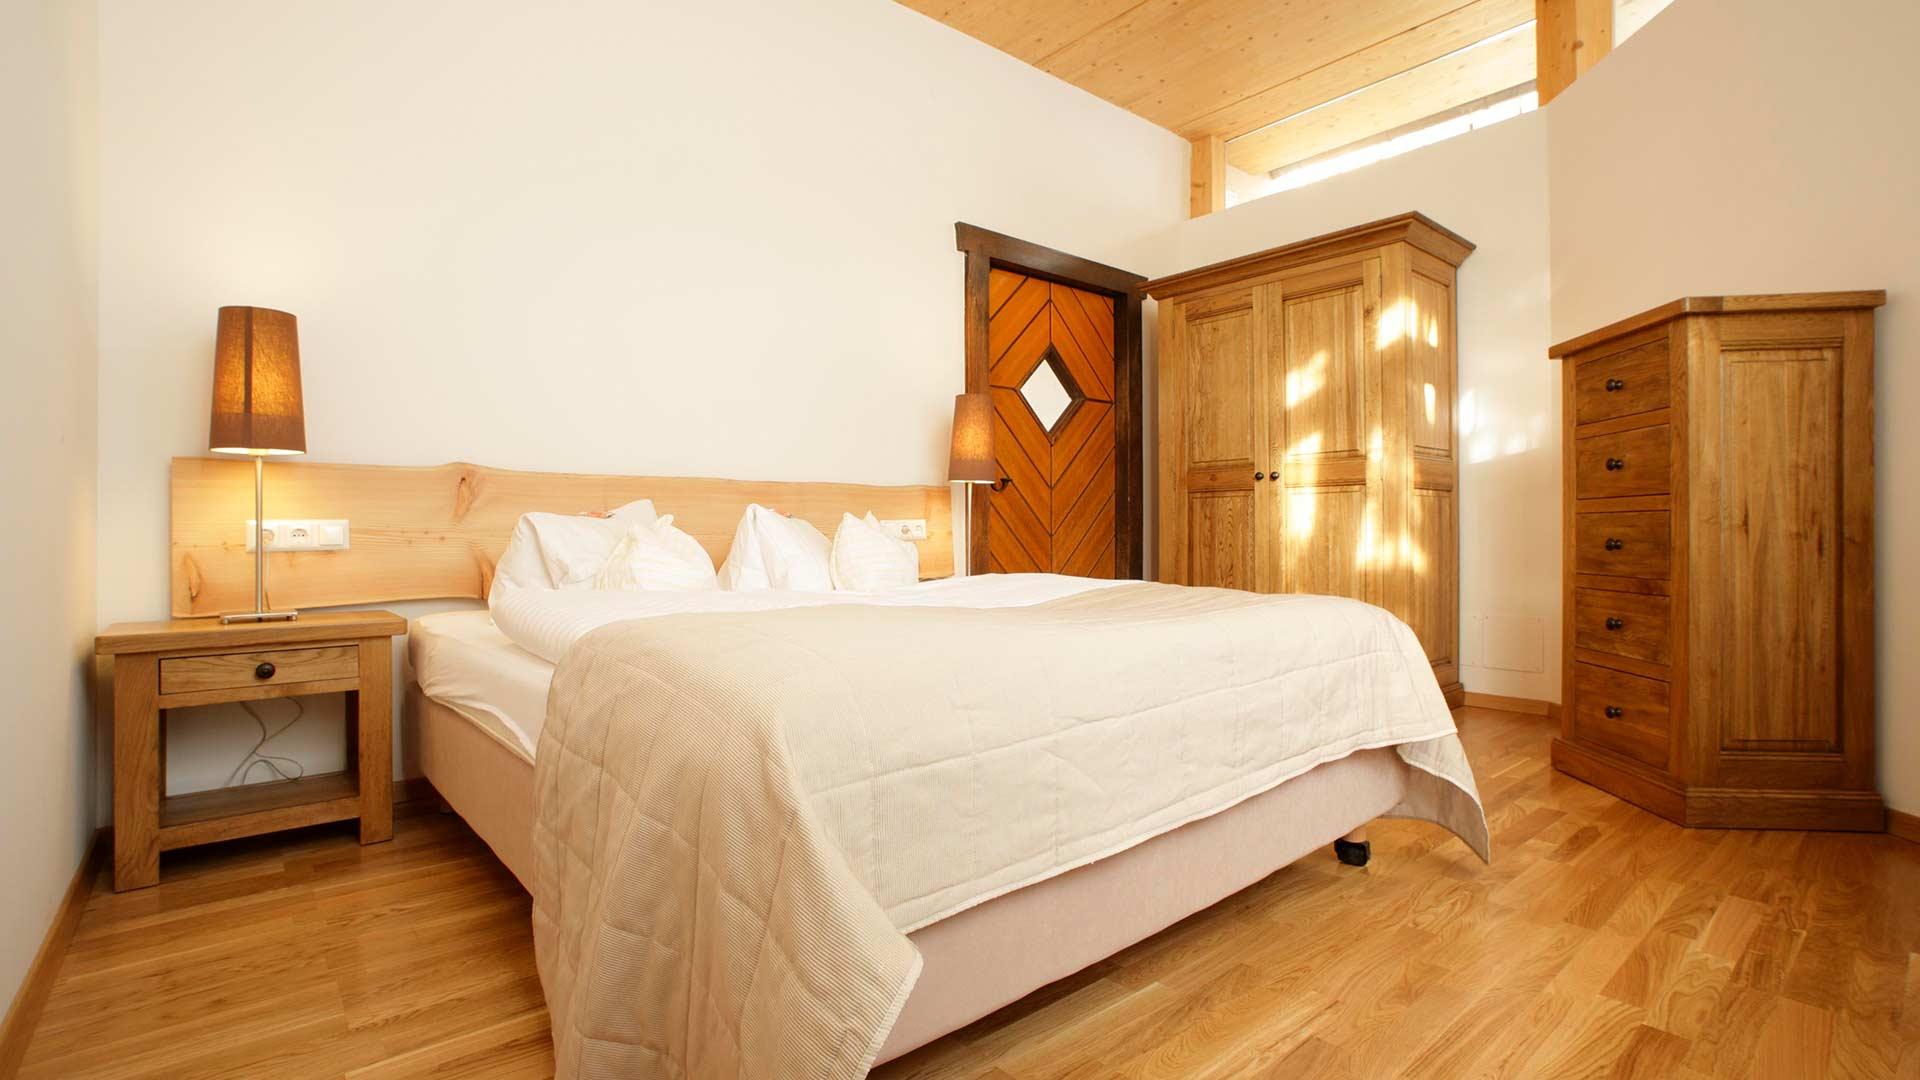 Appartement 1 - Schlafzimmer 2